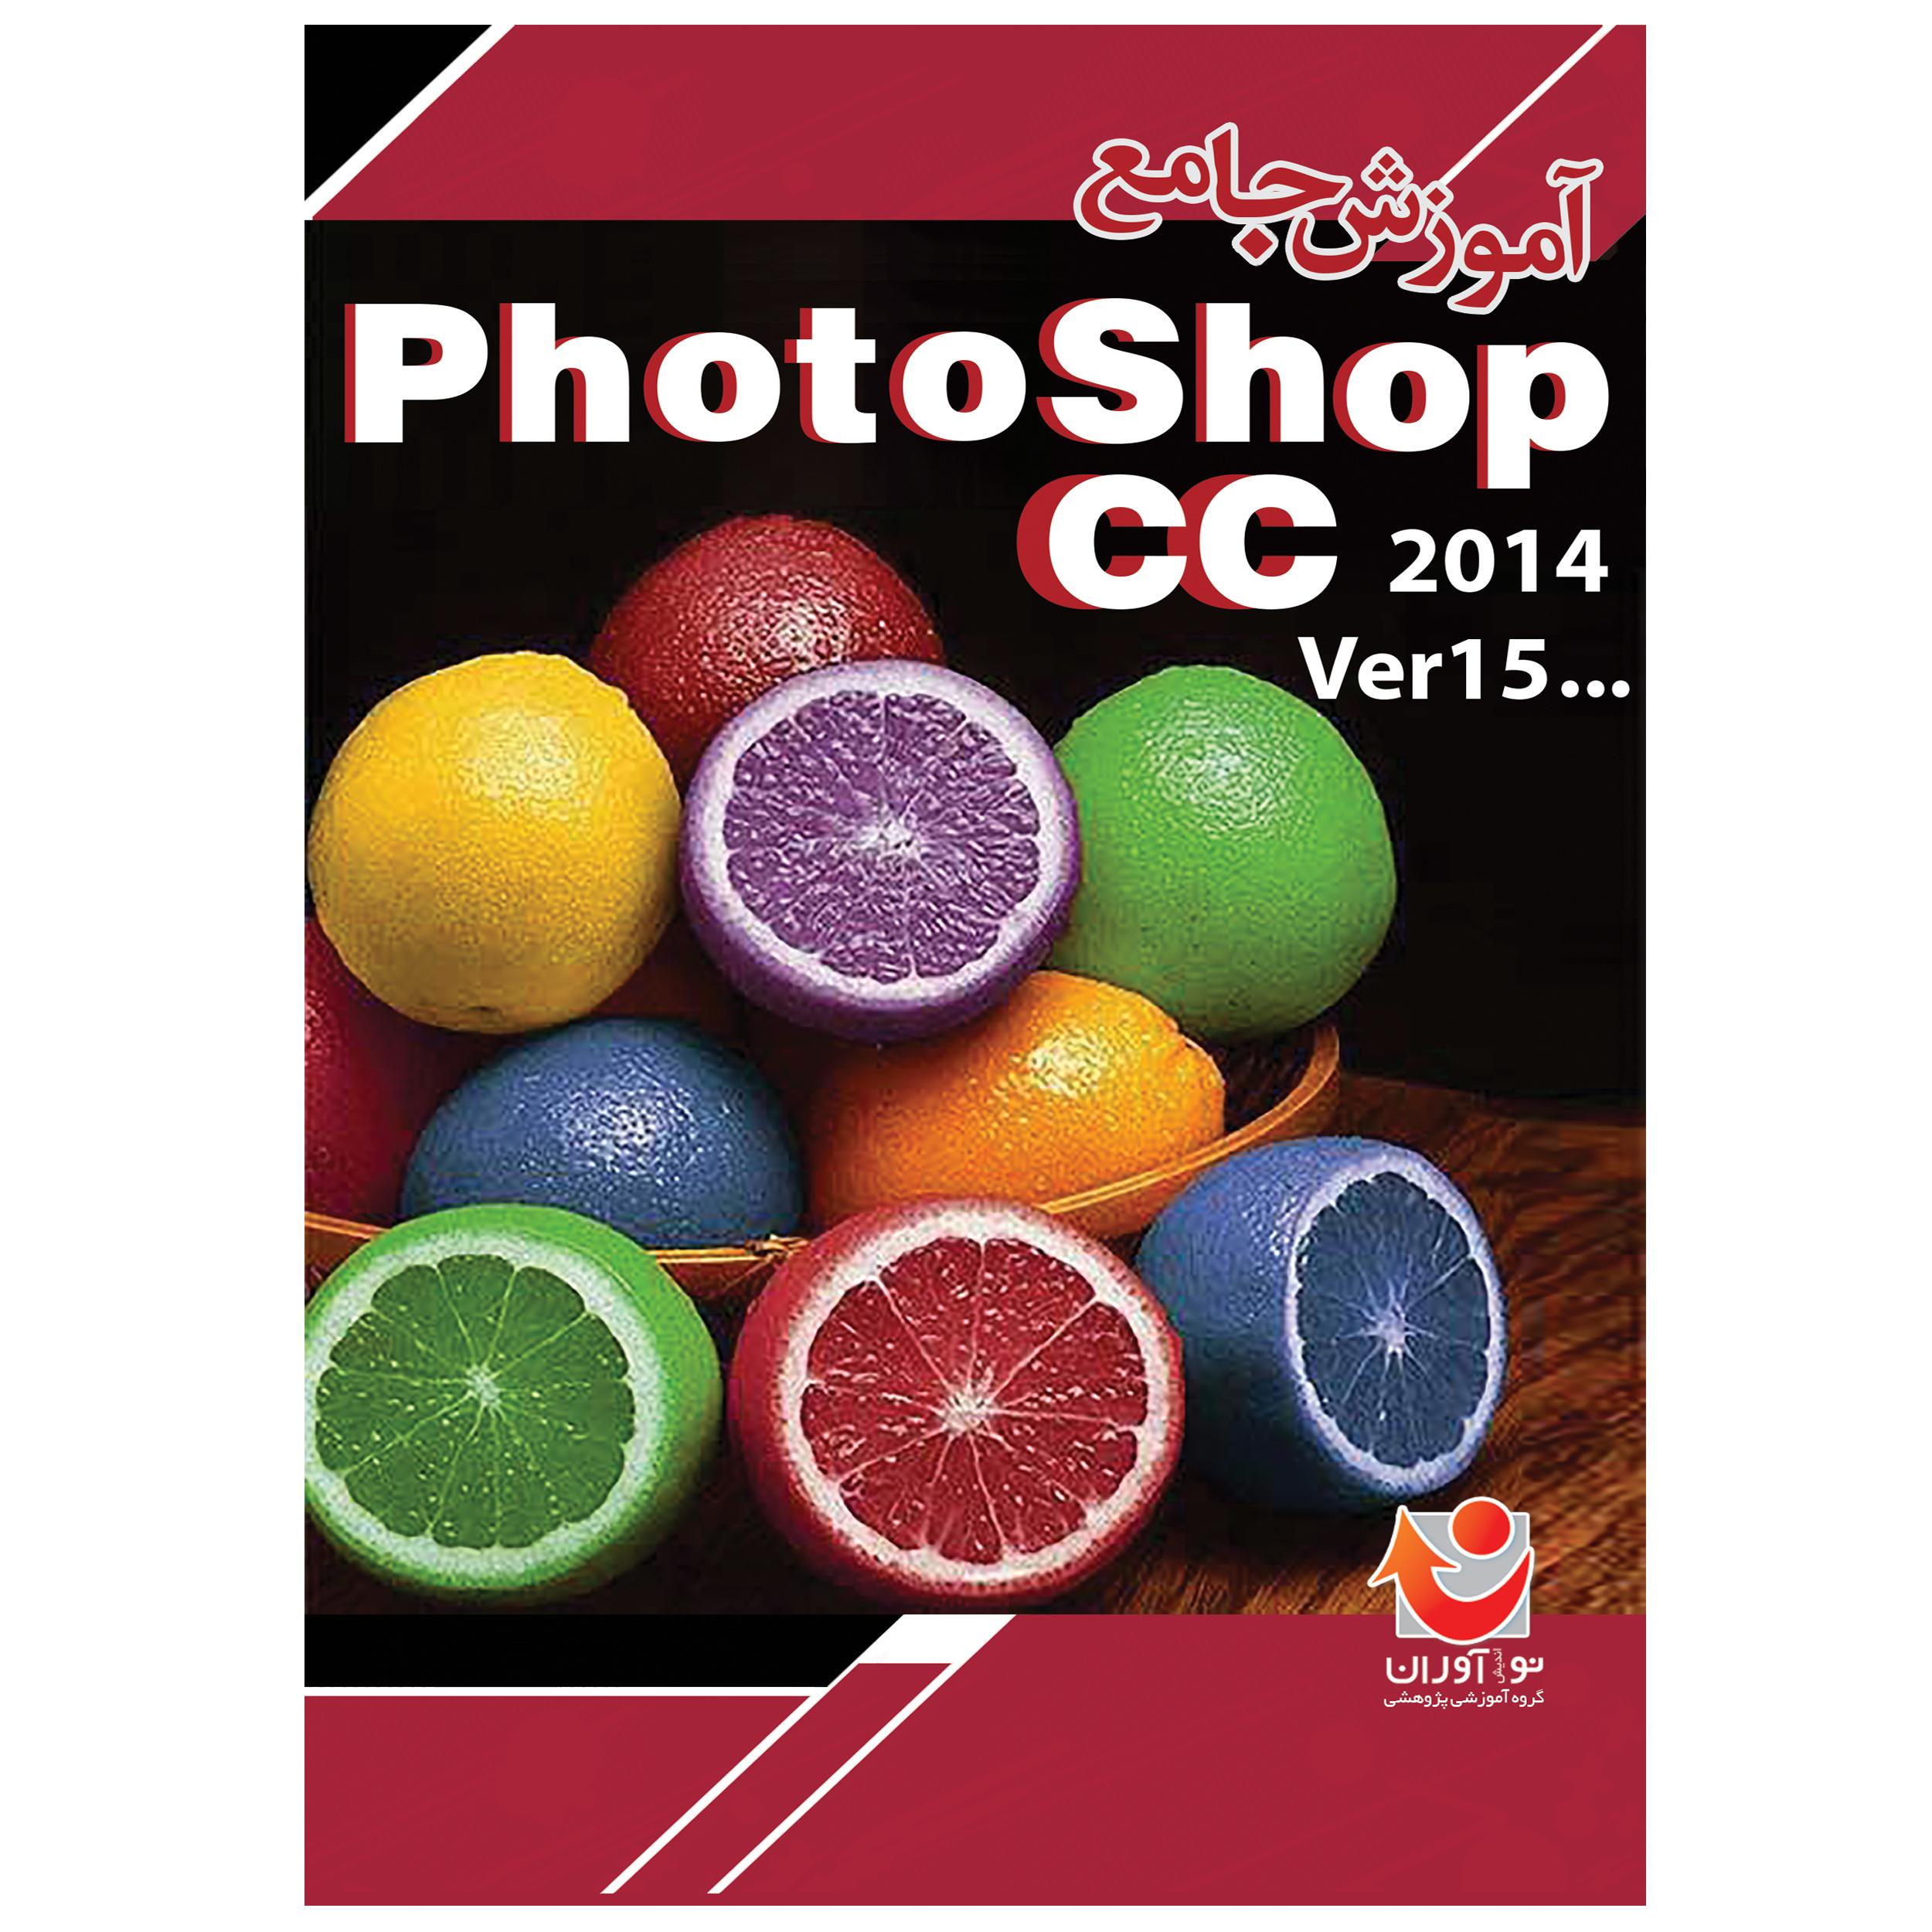 نرم افزار آموزش جامع PhotoShop CC 2014 نشر نوآوران